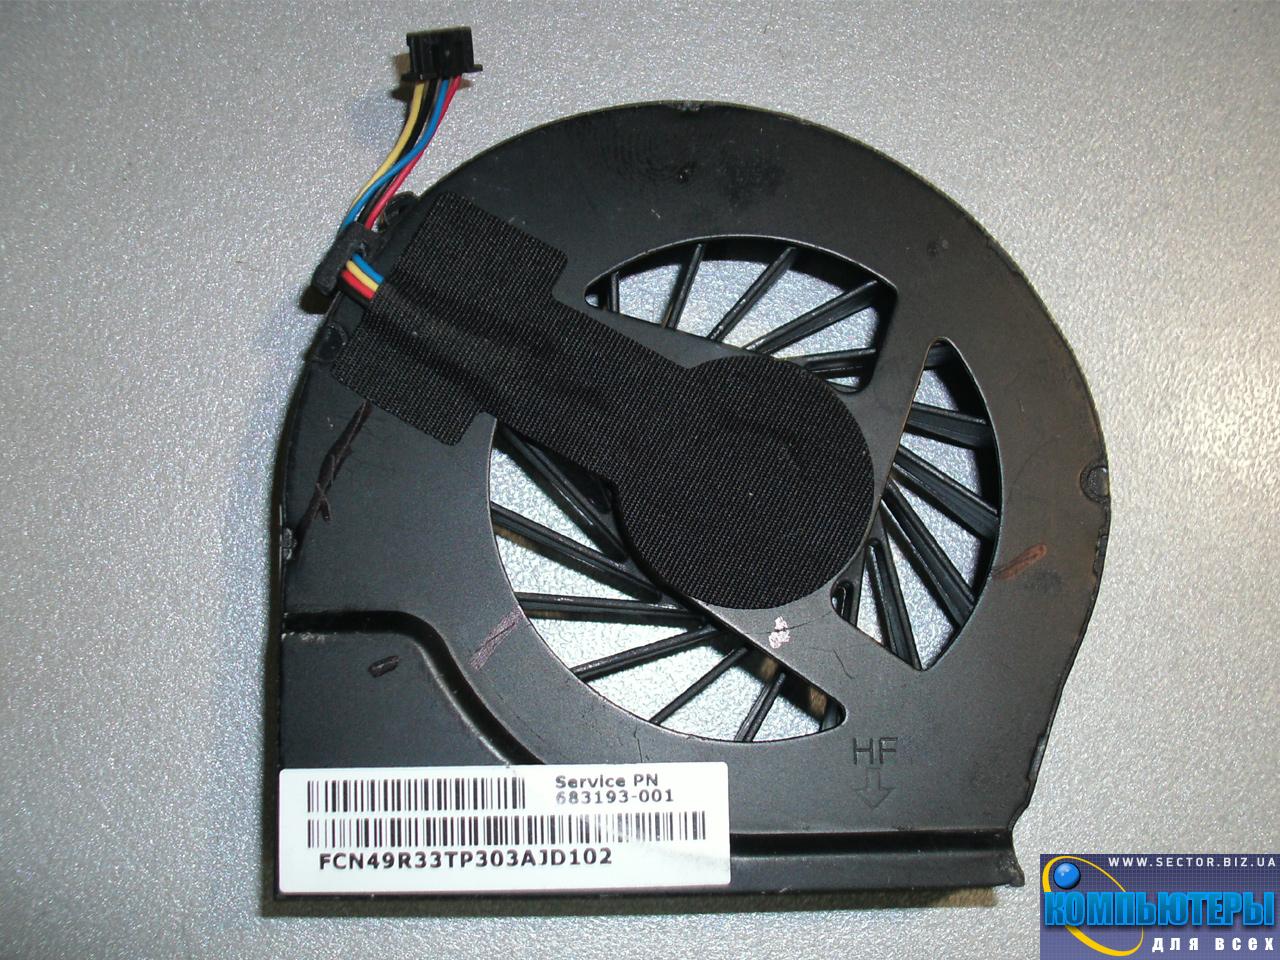 Кулер к ноутбуку HP Pavilion G4-2000 G4-2045TX G4-2006AX G6-2000 G6-2328TX G7-2000 p/n: DFS531205MC0T FB5S 683193-001. Фото № 3.